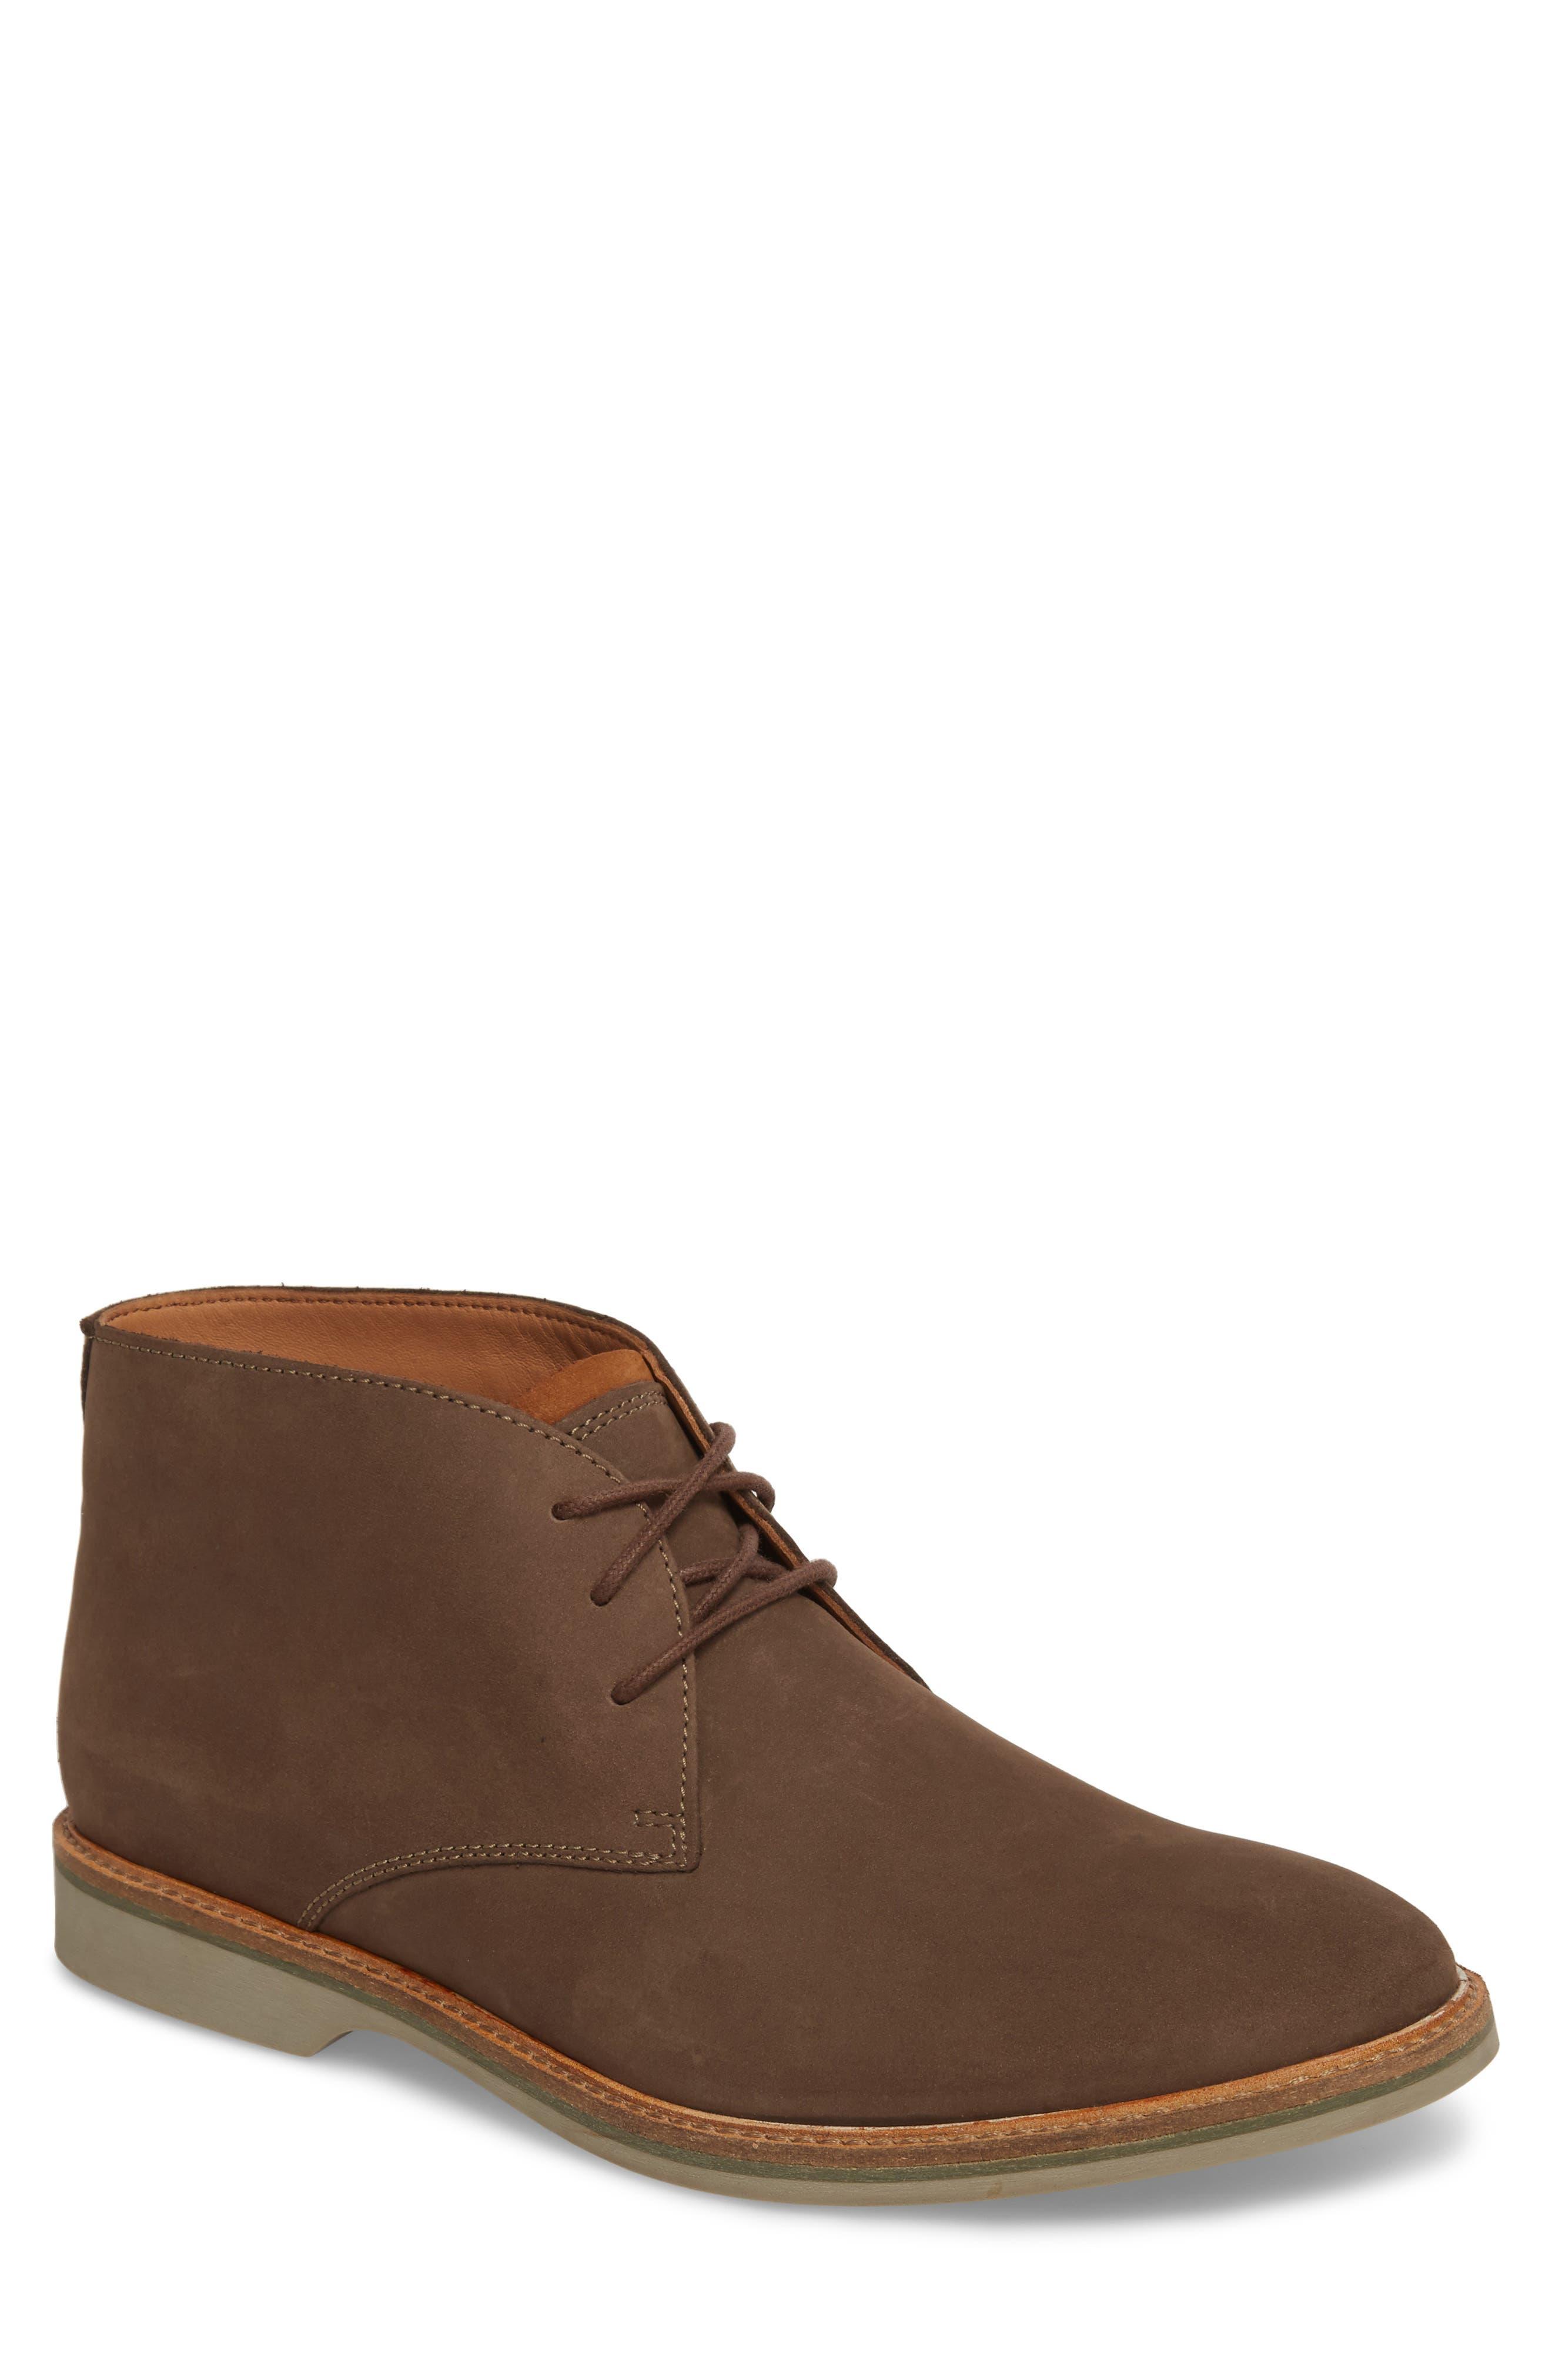 Clarks® Atticus Limit Chukka Boot (Men)